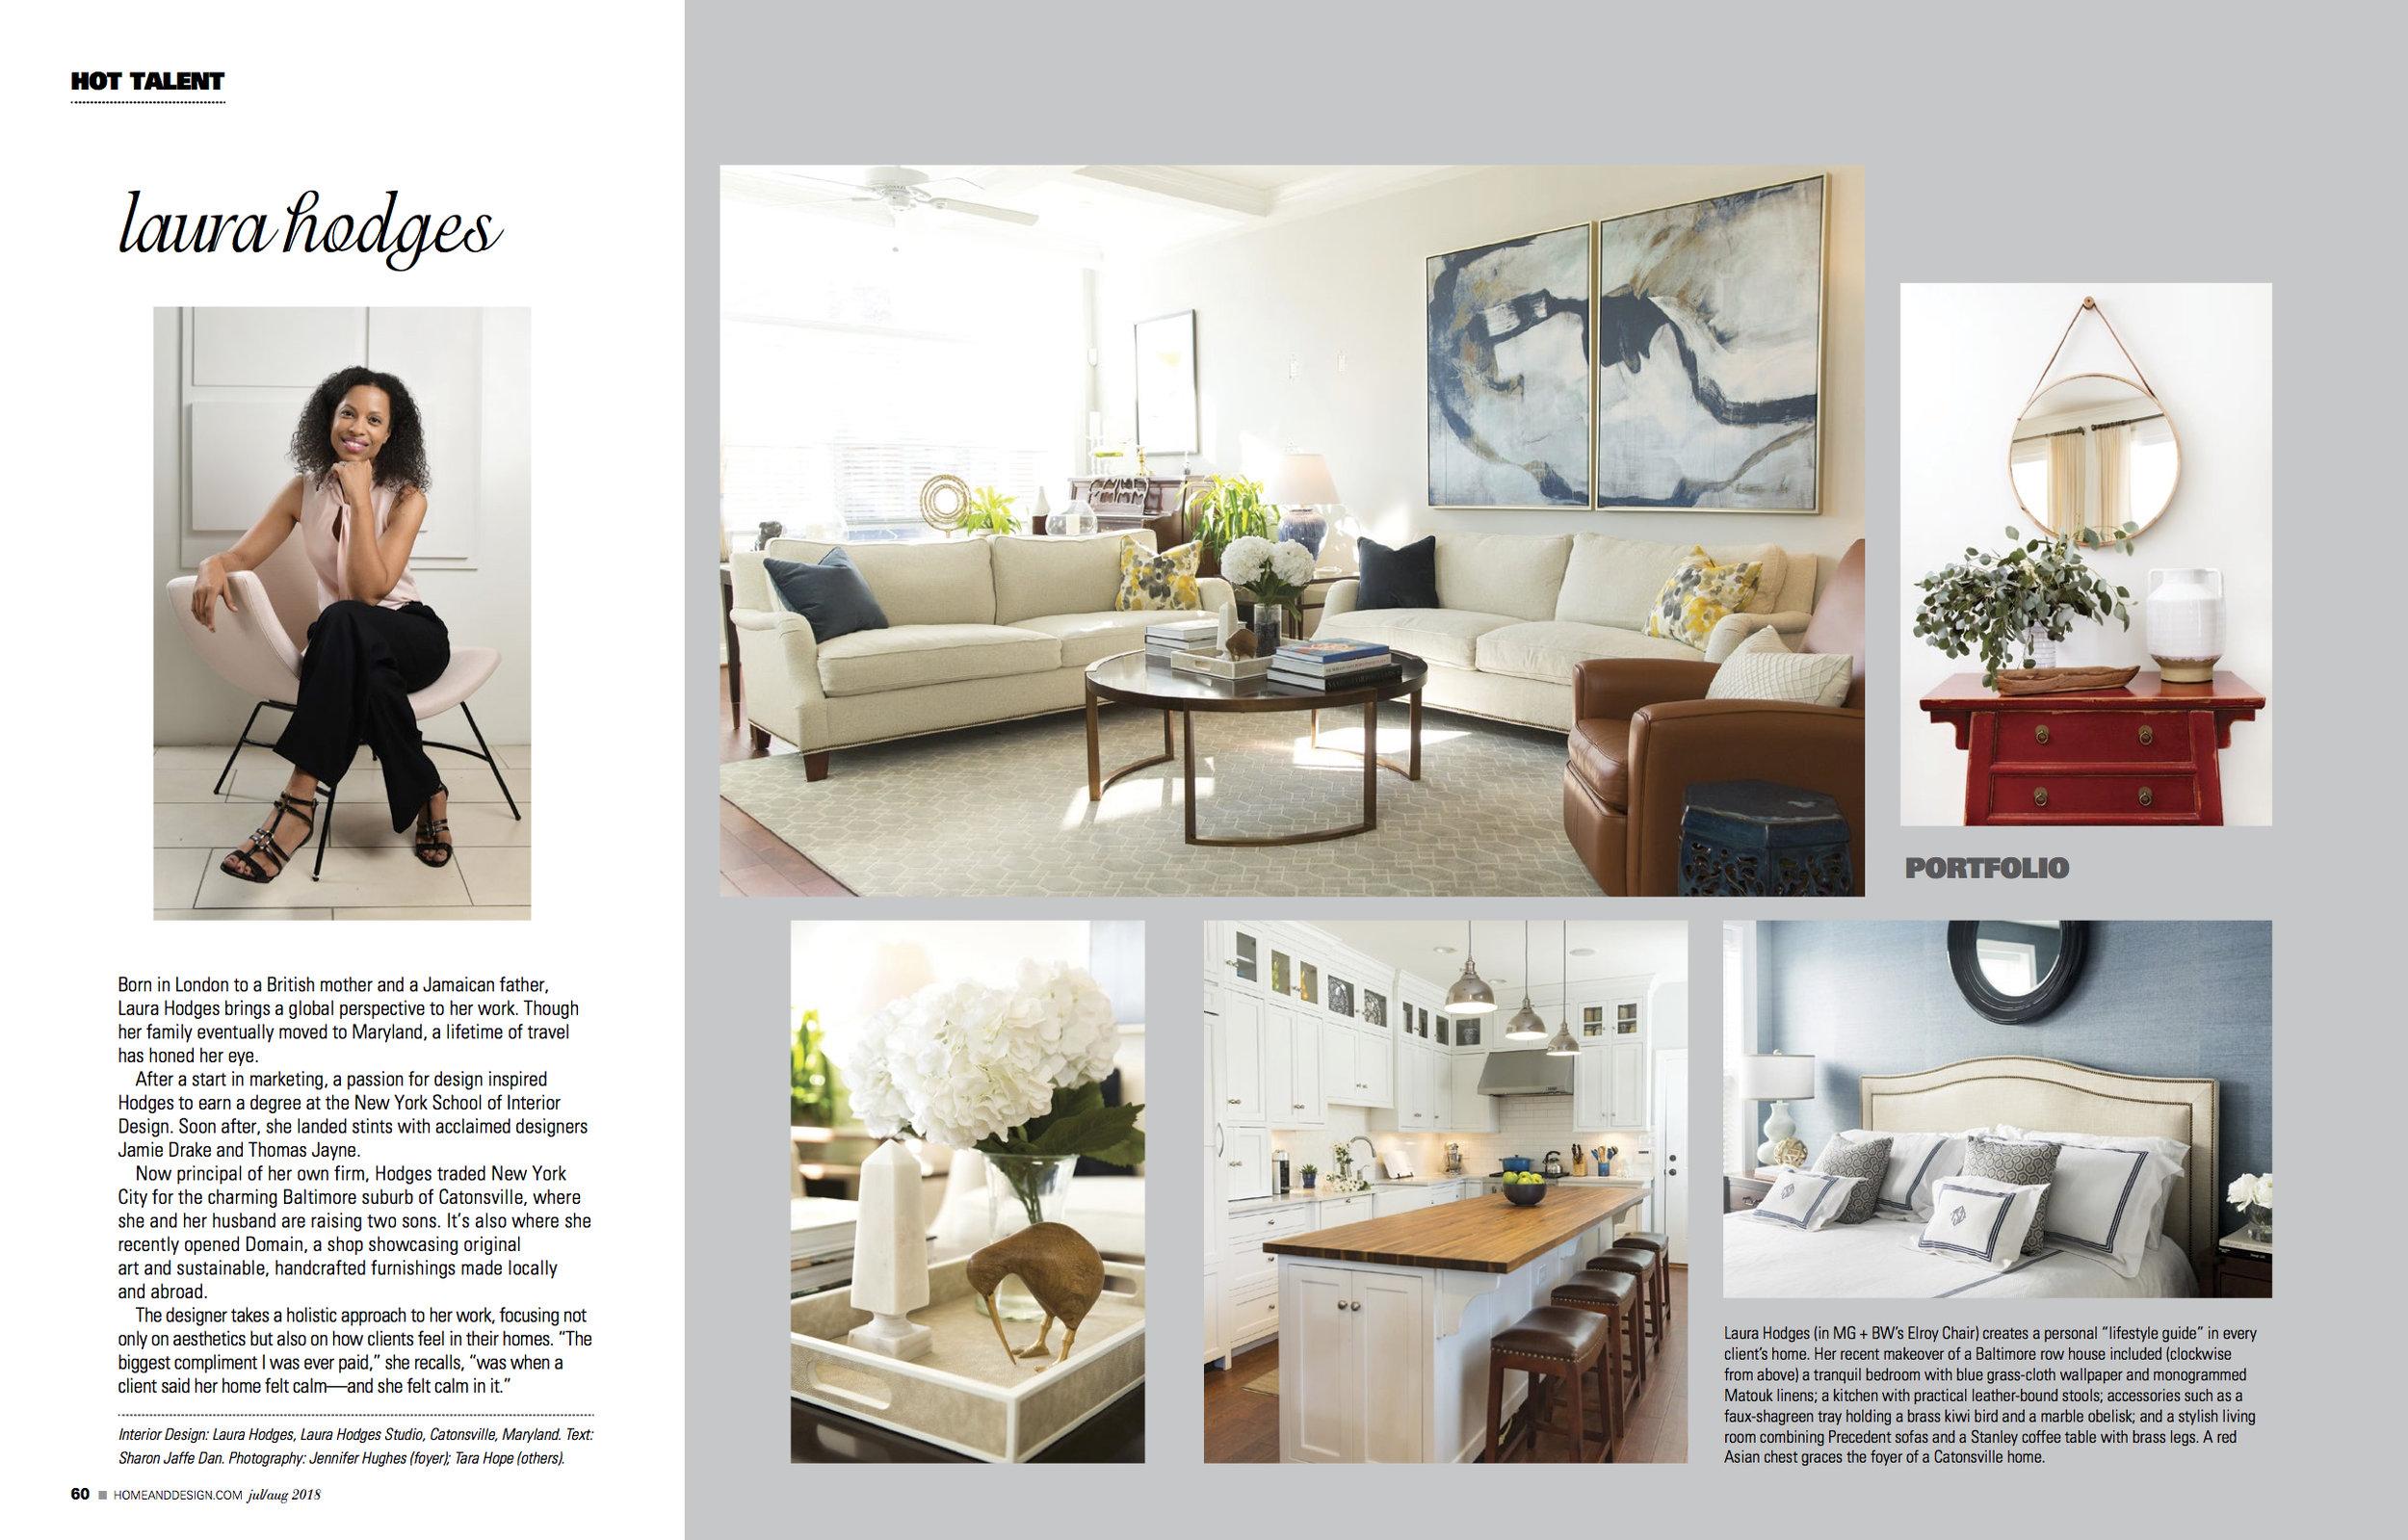 Home & Design Hot Talent Feature.jpg